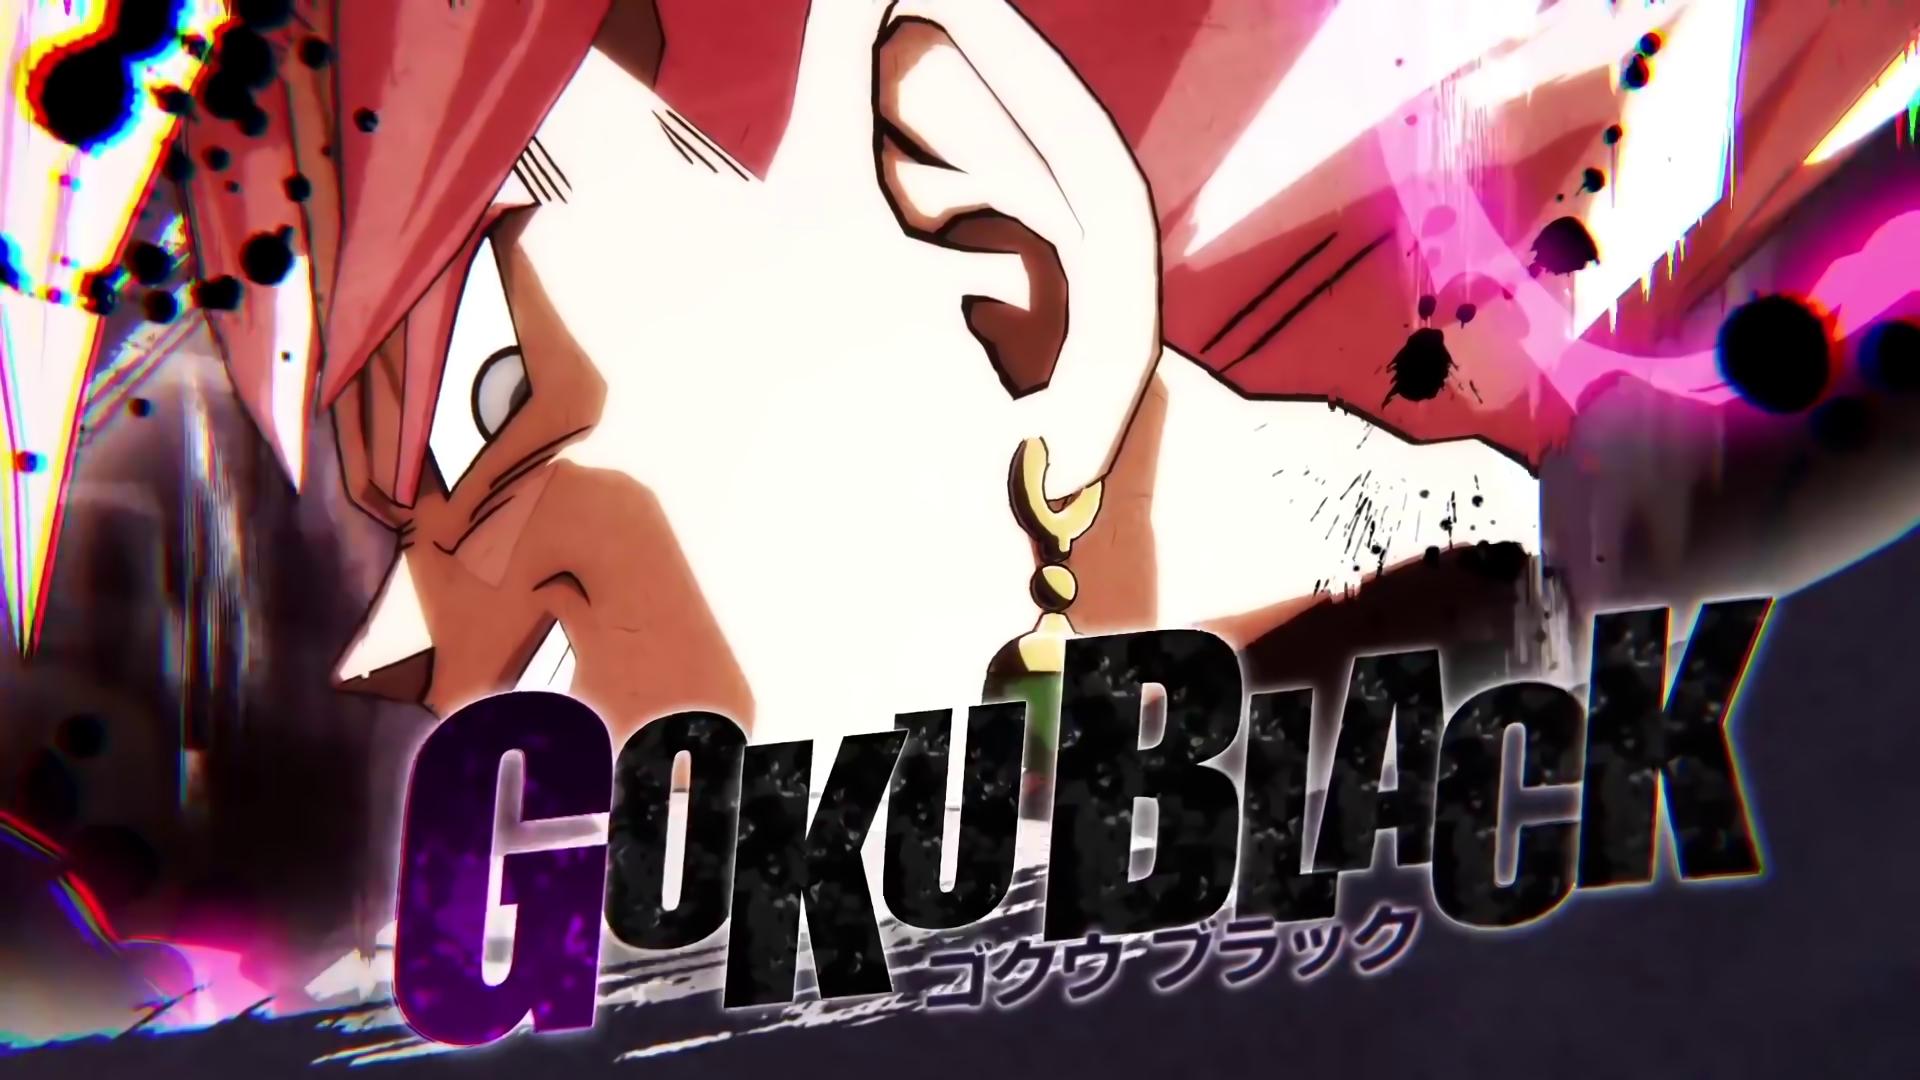 rose goku black wallpaper